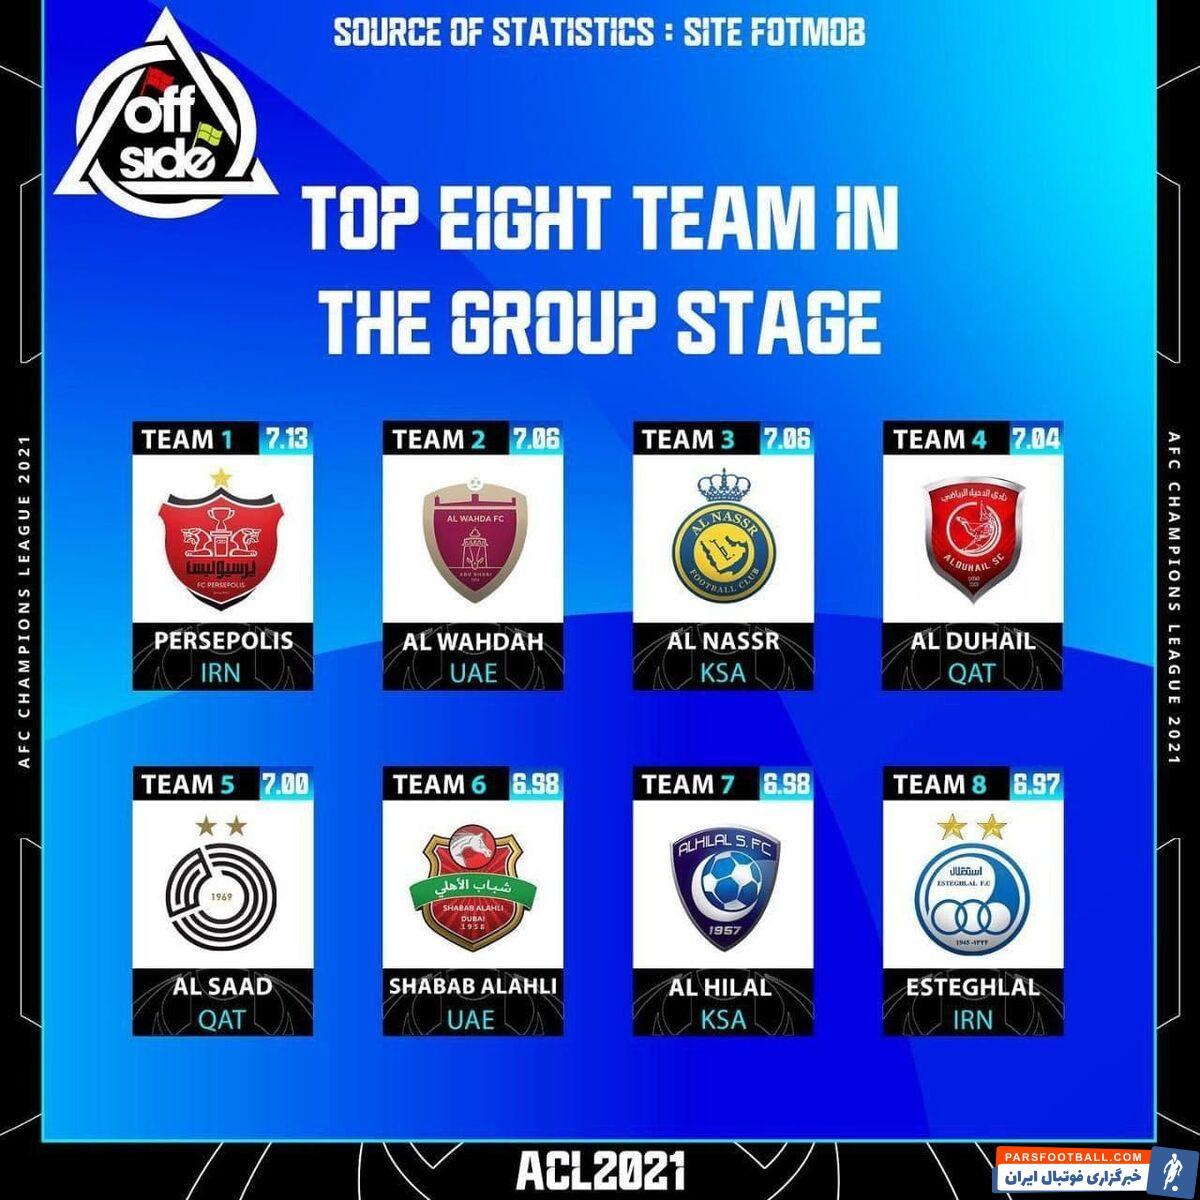 در گزارشی که وبسایت آفساید منتشر کرده، پرسپولیس بهترین تیم لیگ قهرمانان است و بیشترین نمره را به خود اختصاص داده است.